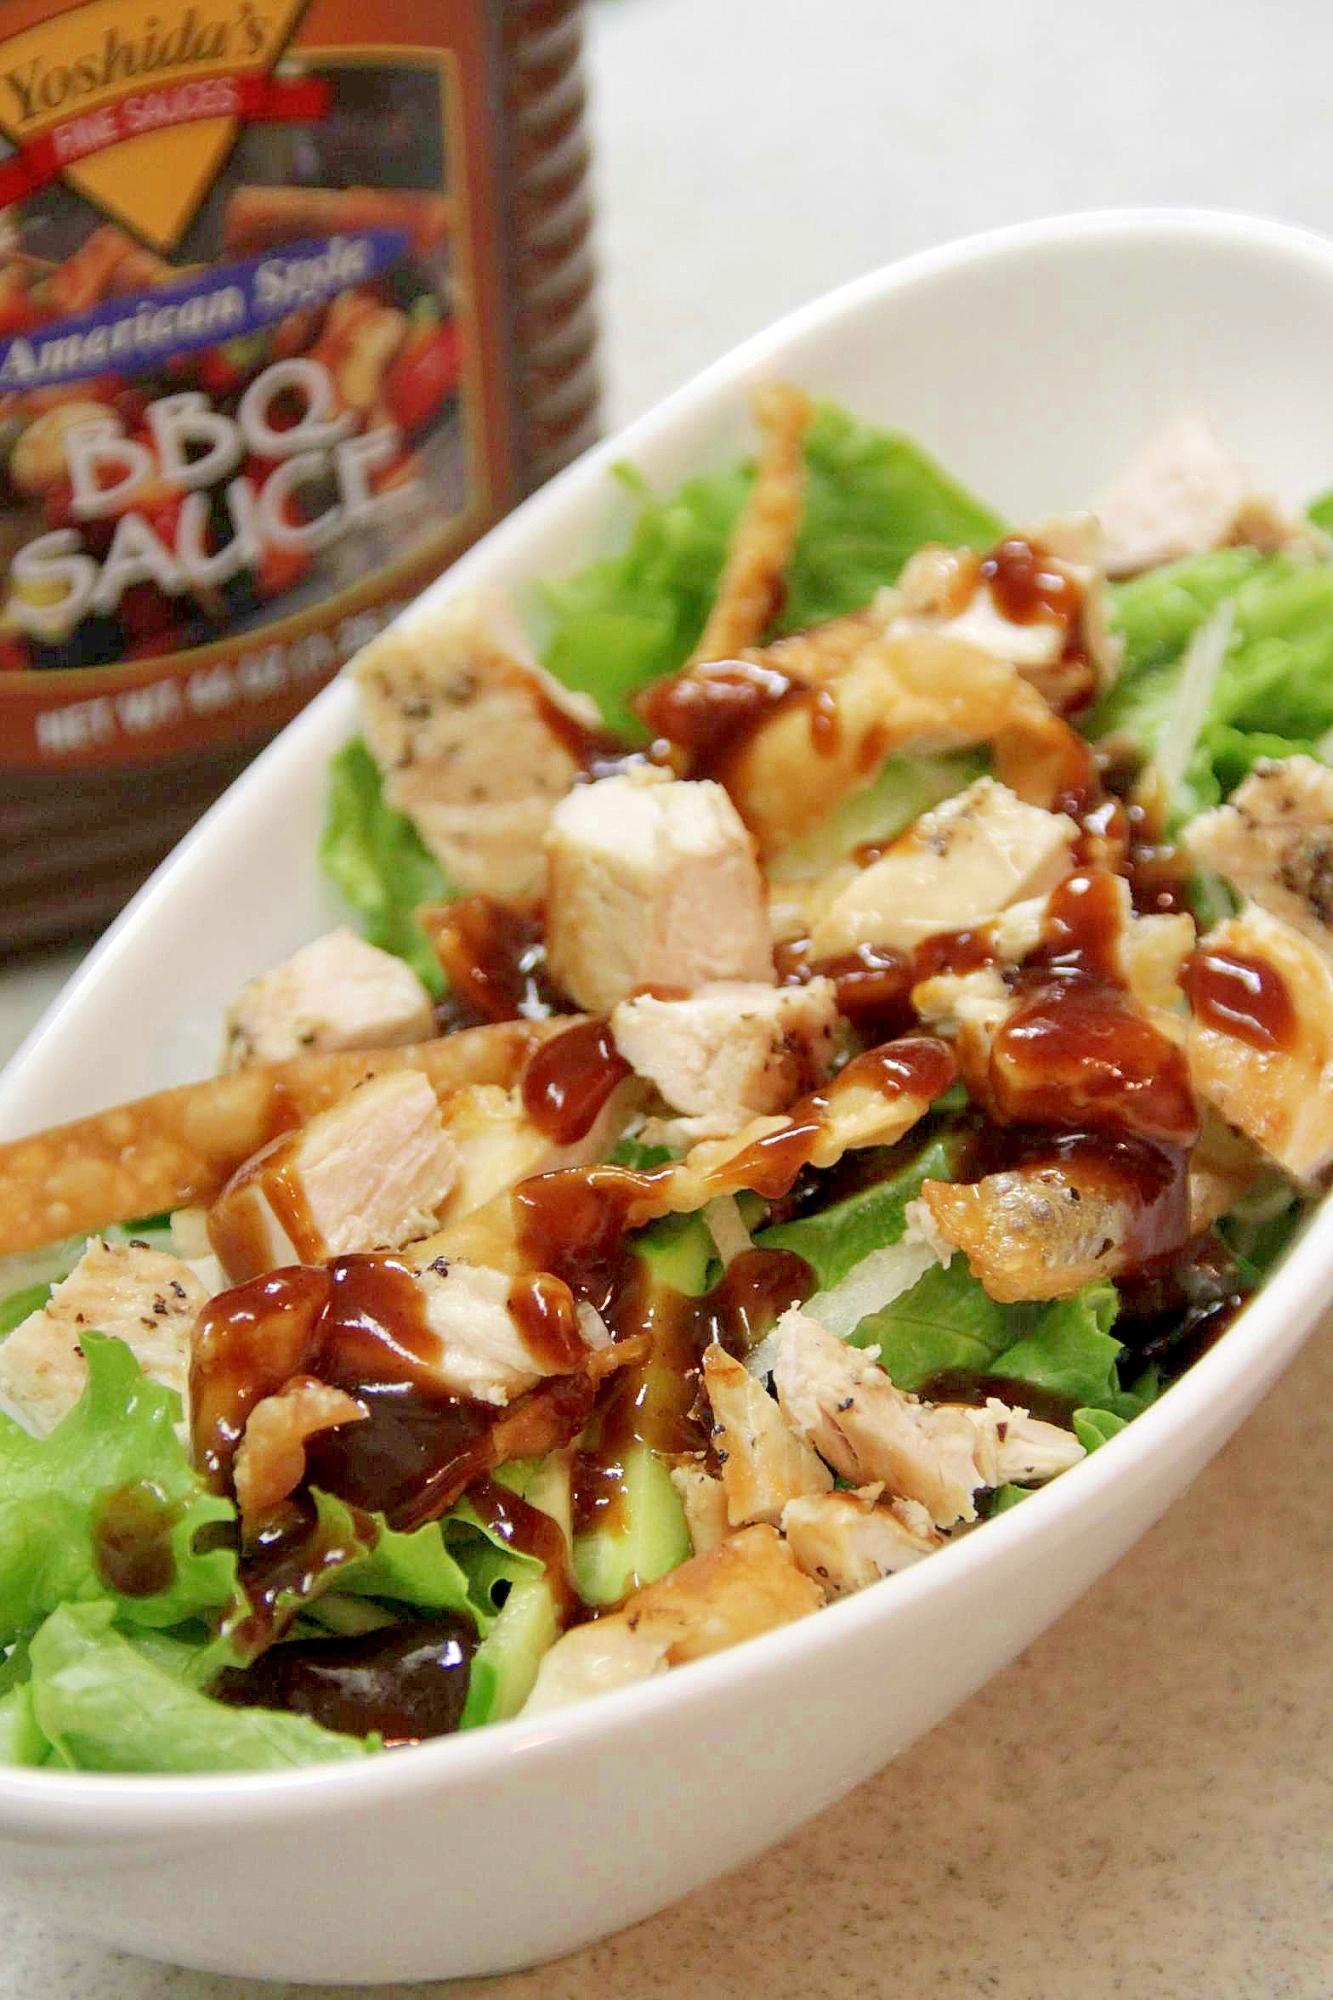 アメリカンテイストの『BBQサラダ』 レシピ・作り方 by ★☆ ひで ☆★|楽天レシピ